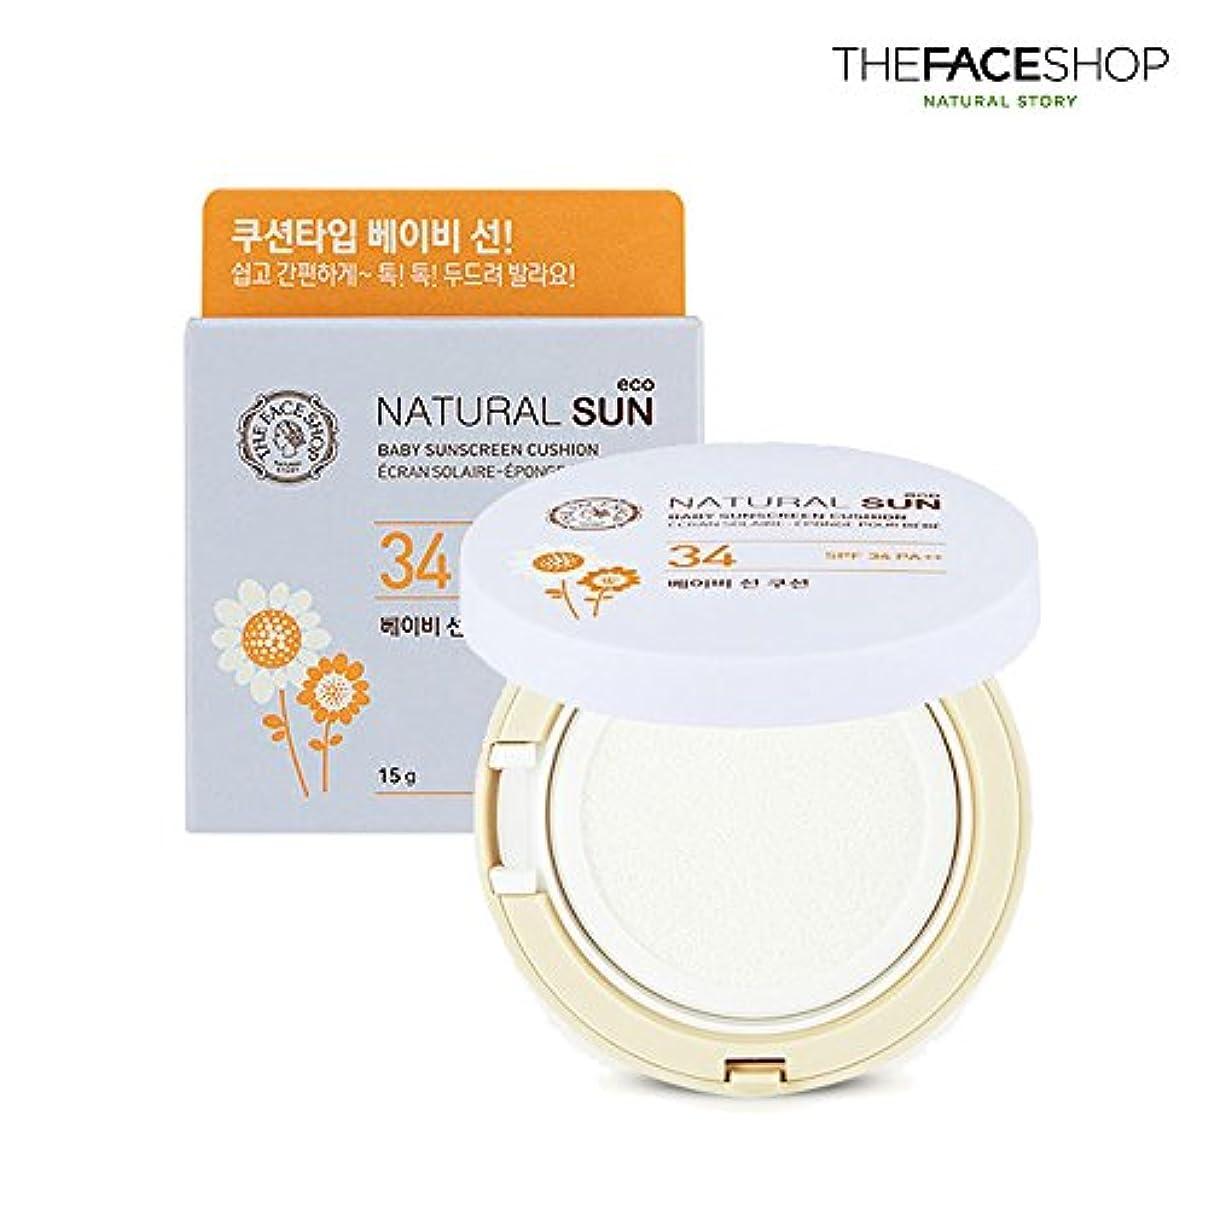 微視的スズメバチ前奏曲the face shop Natural Sun ECO baby sunscreen cushion 34 PA++ 赤ちゃんサンスクリーンクッション